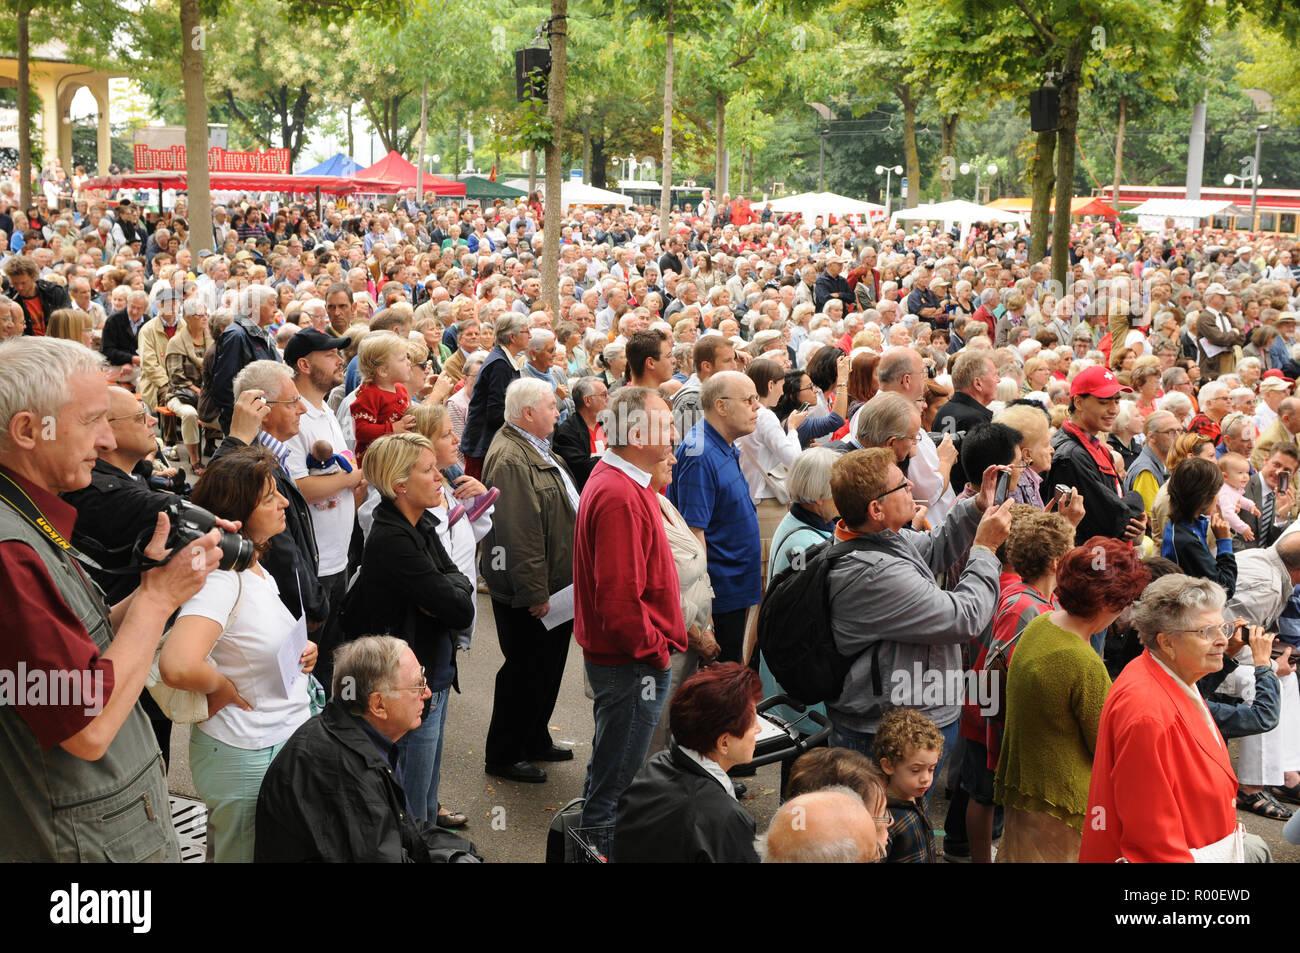 Swiss National day celebration on Bürkiliplatz in Zürich City - Stock Image